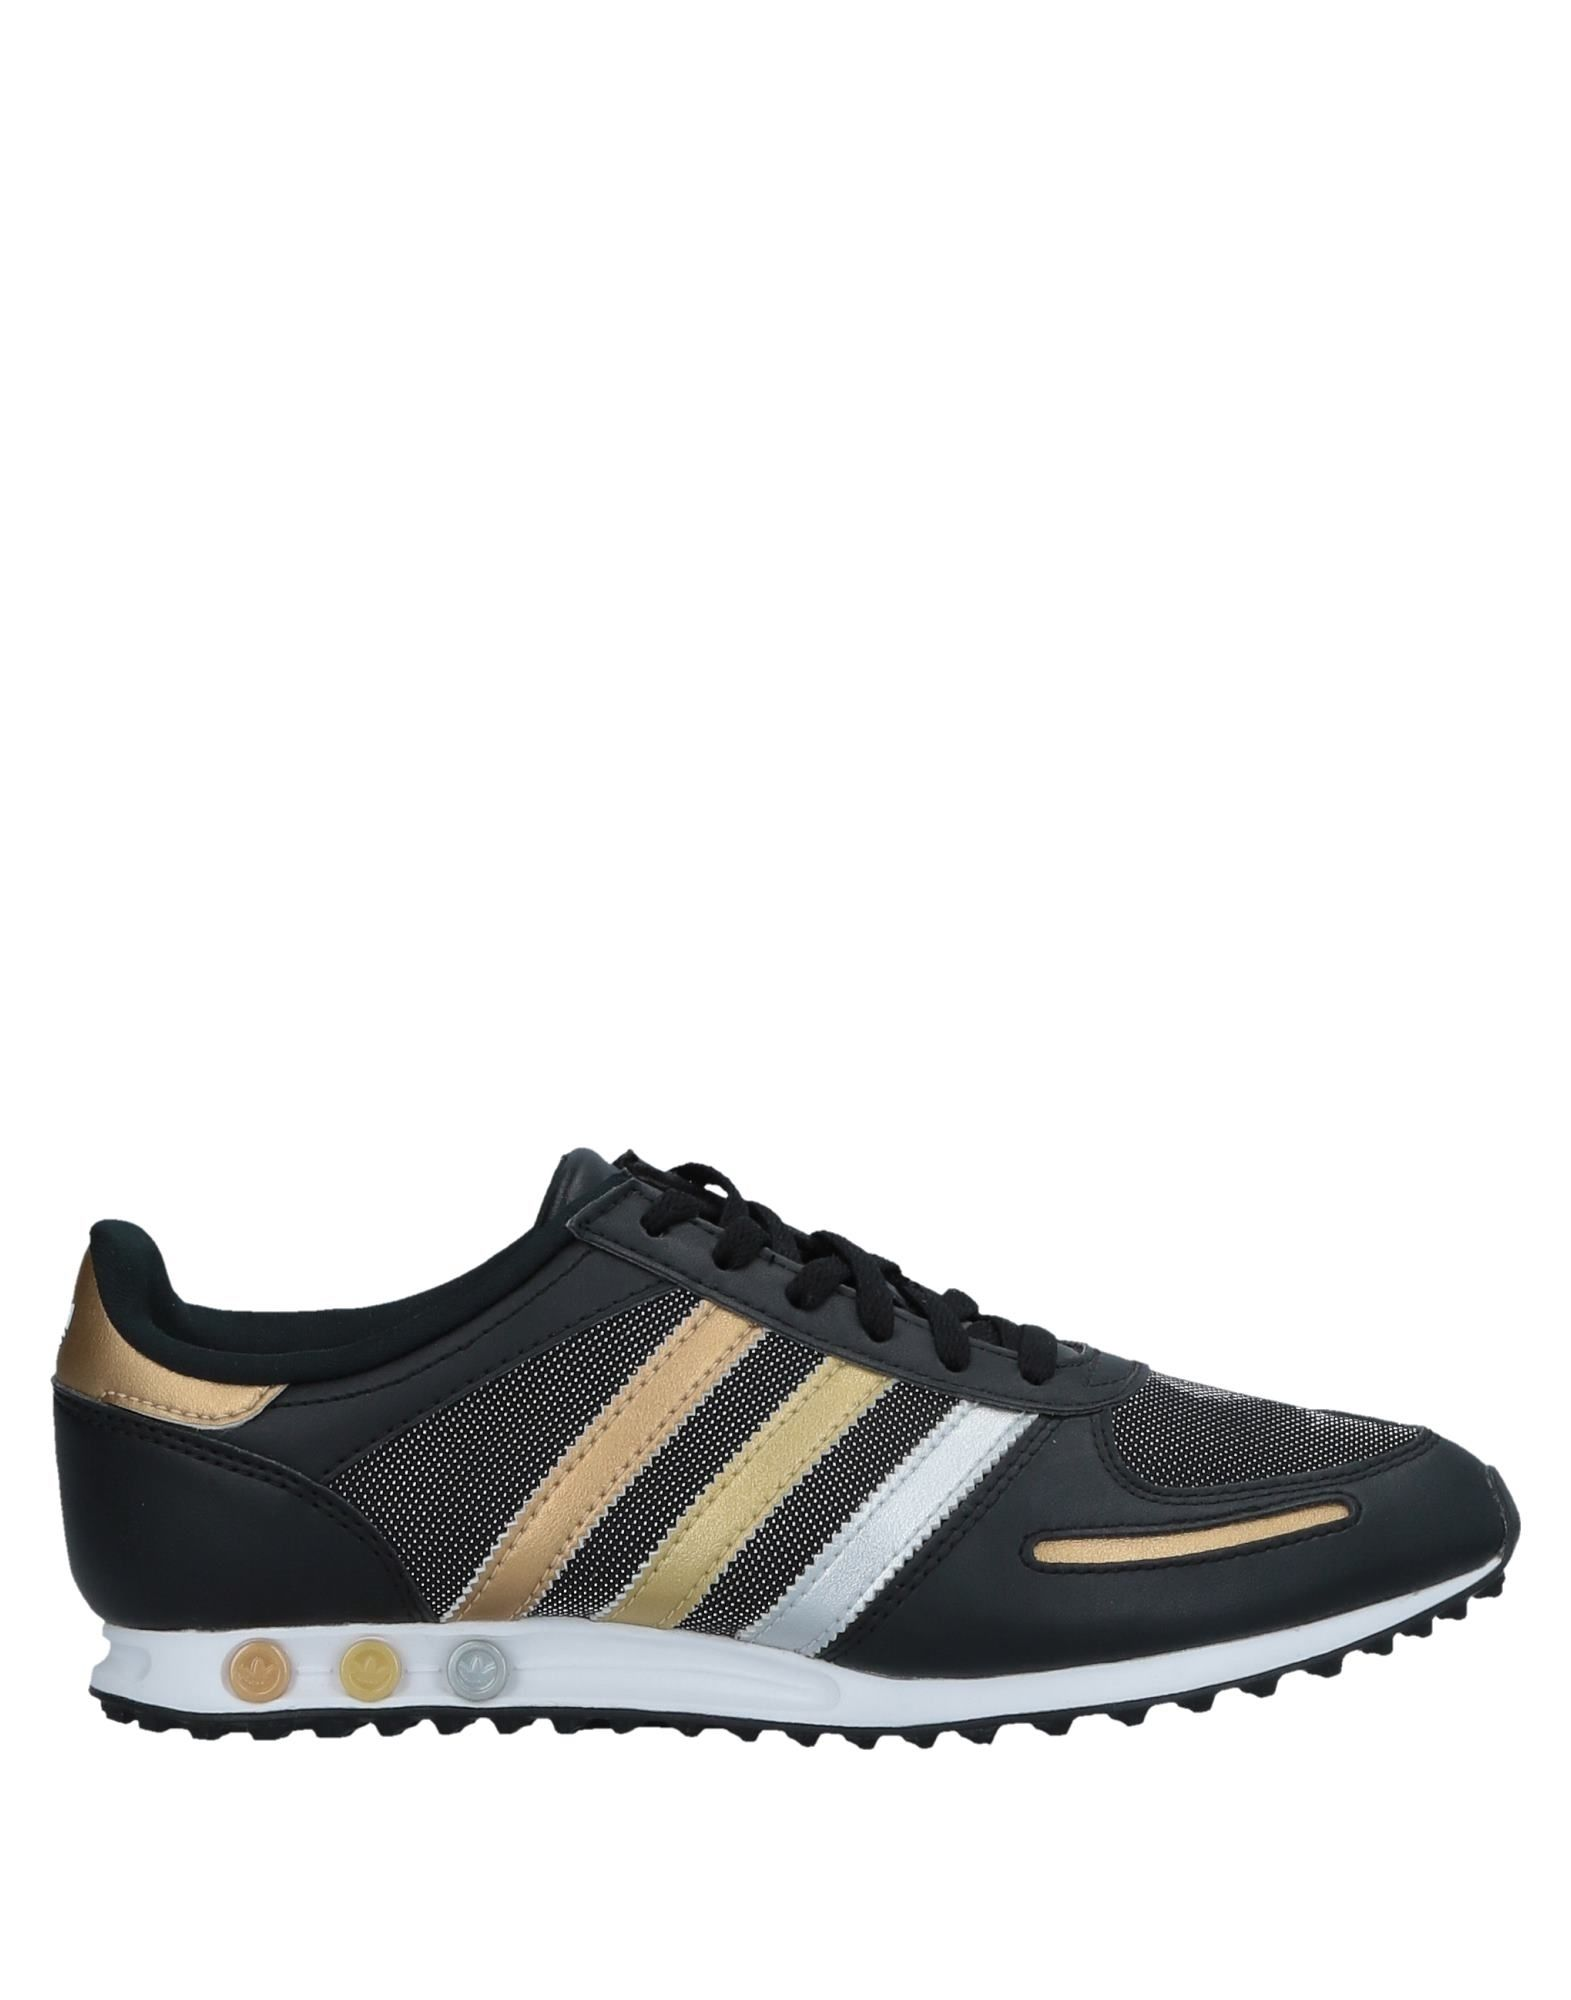 Adidas Originals Neue Sneakers Damen  11527983OX Neue Originals Schuhe 2e12cb